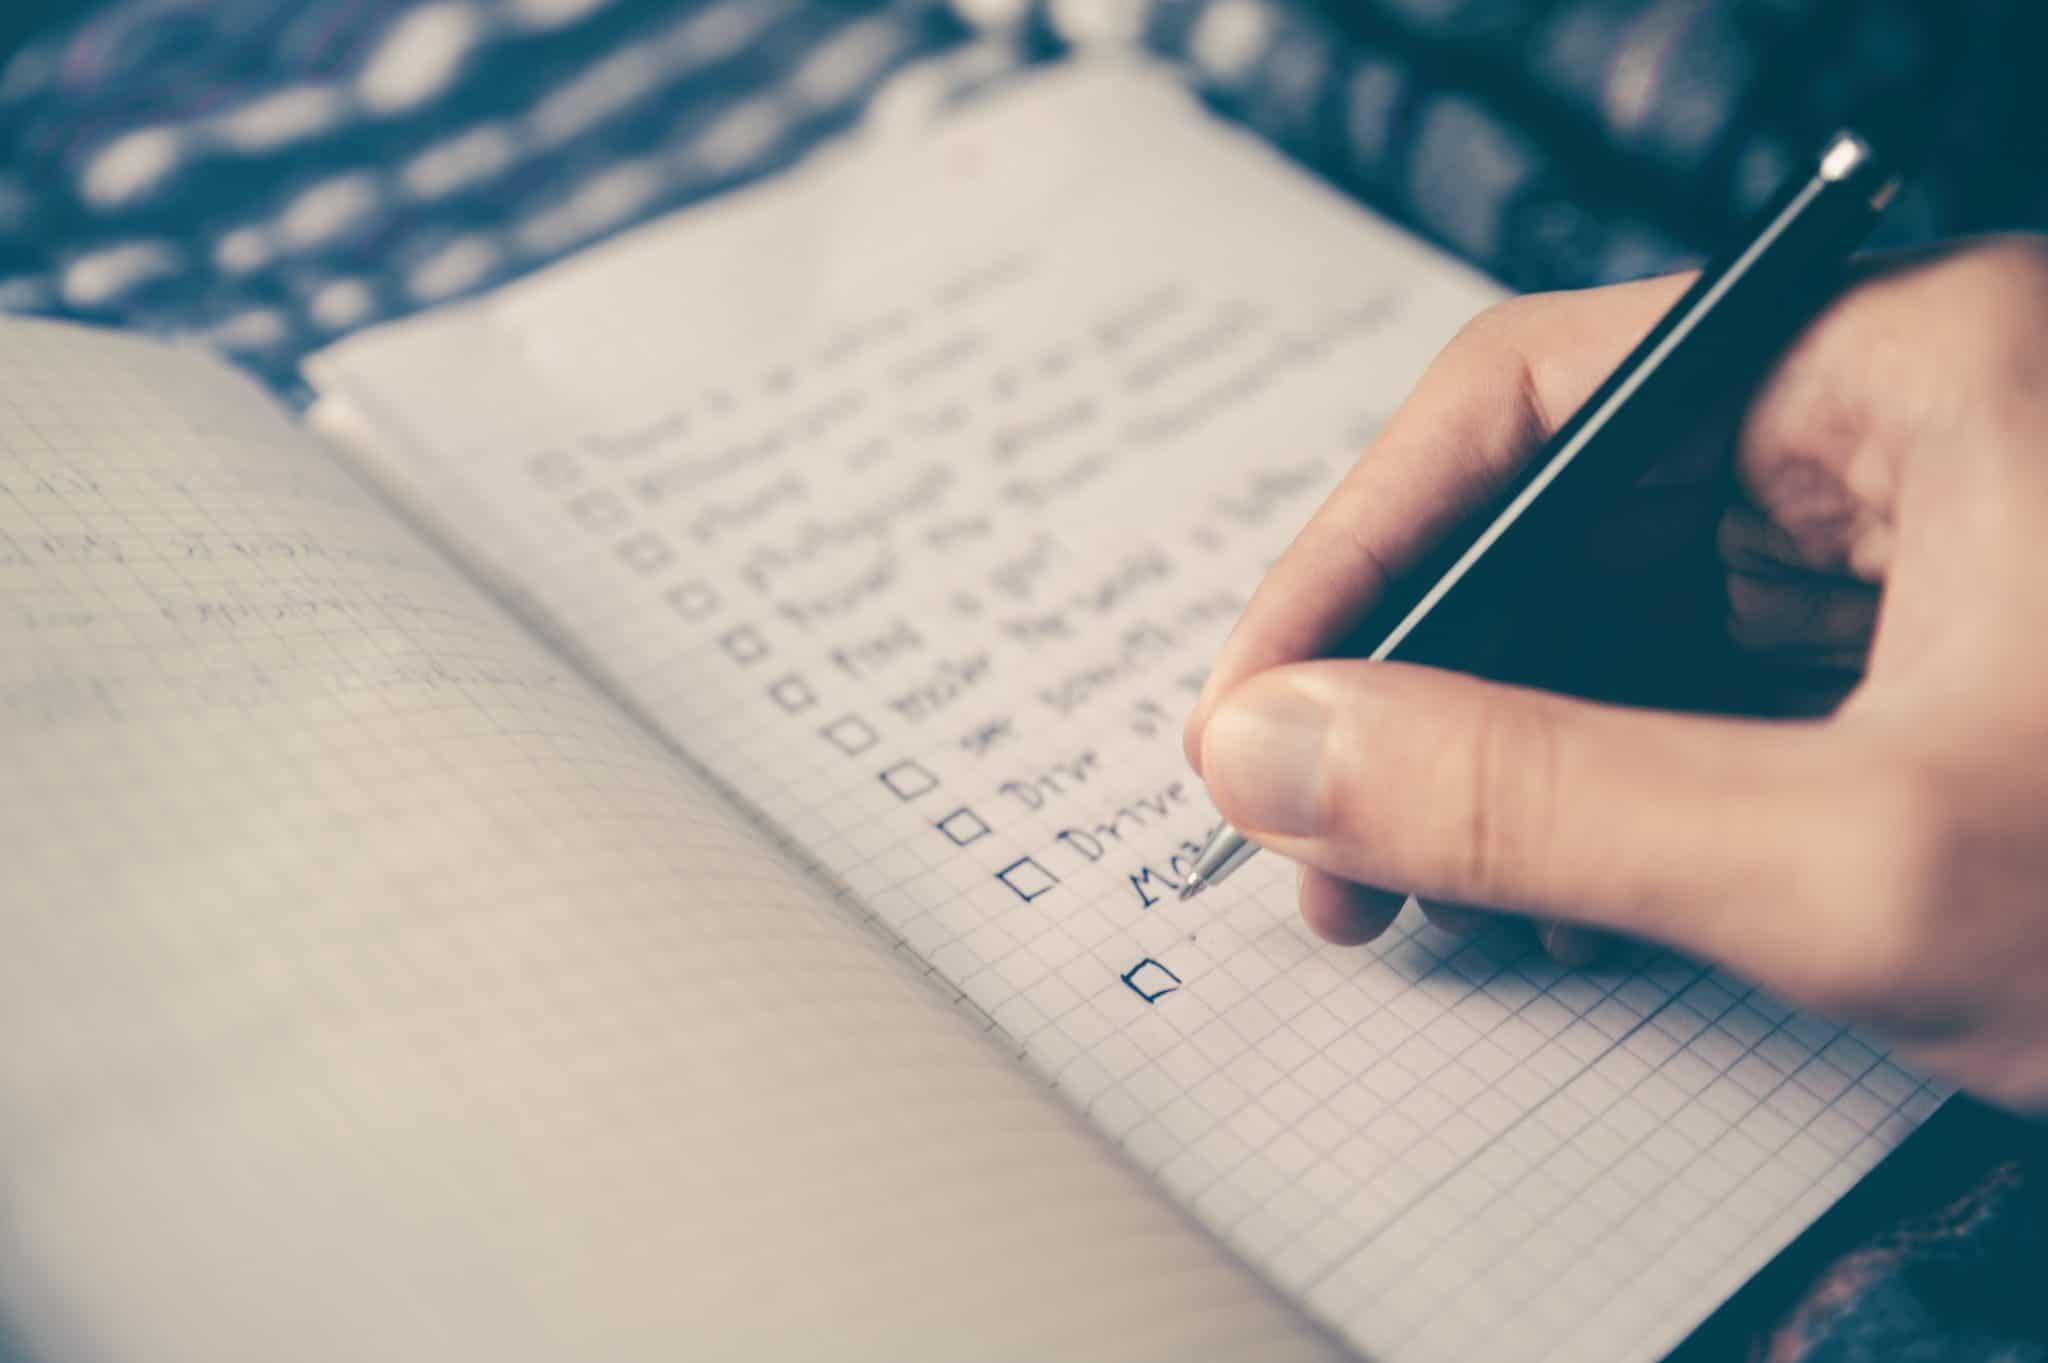 Website Checklist being ticked off